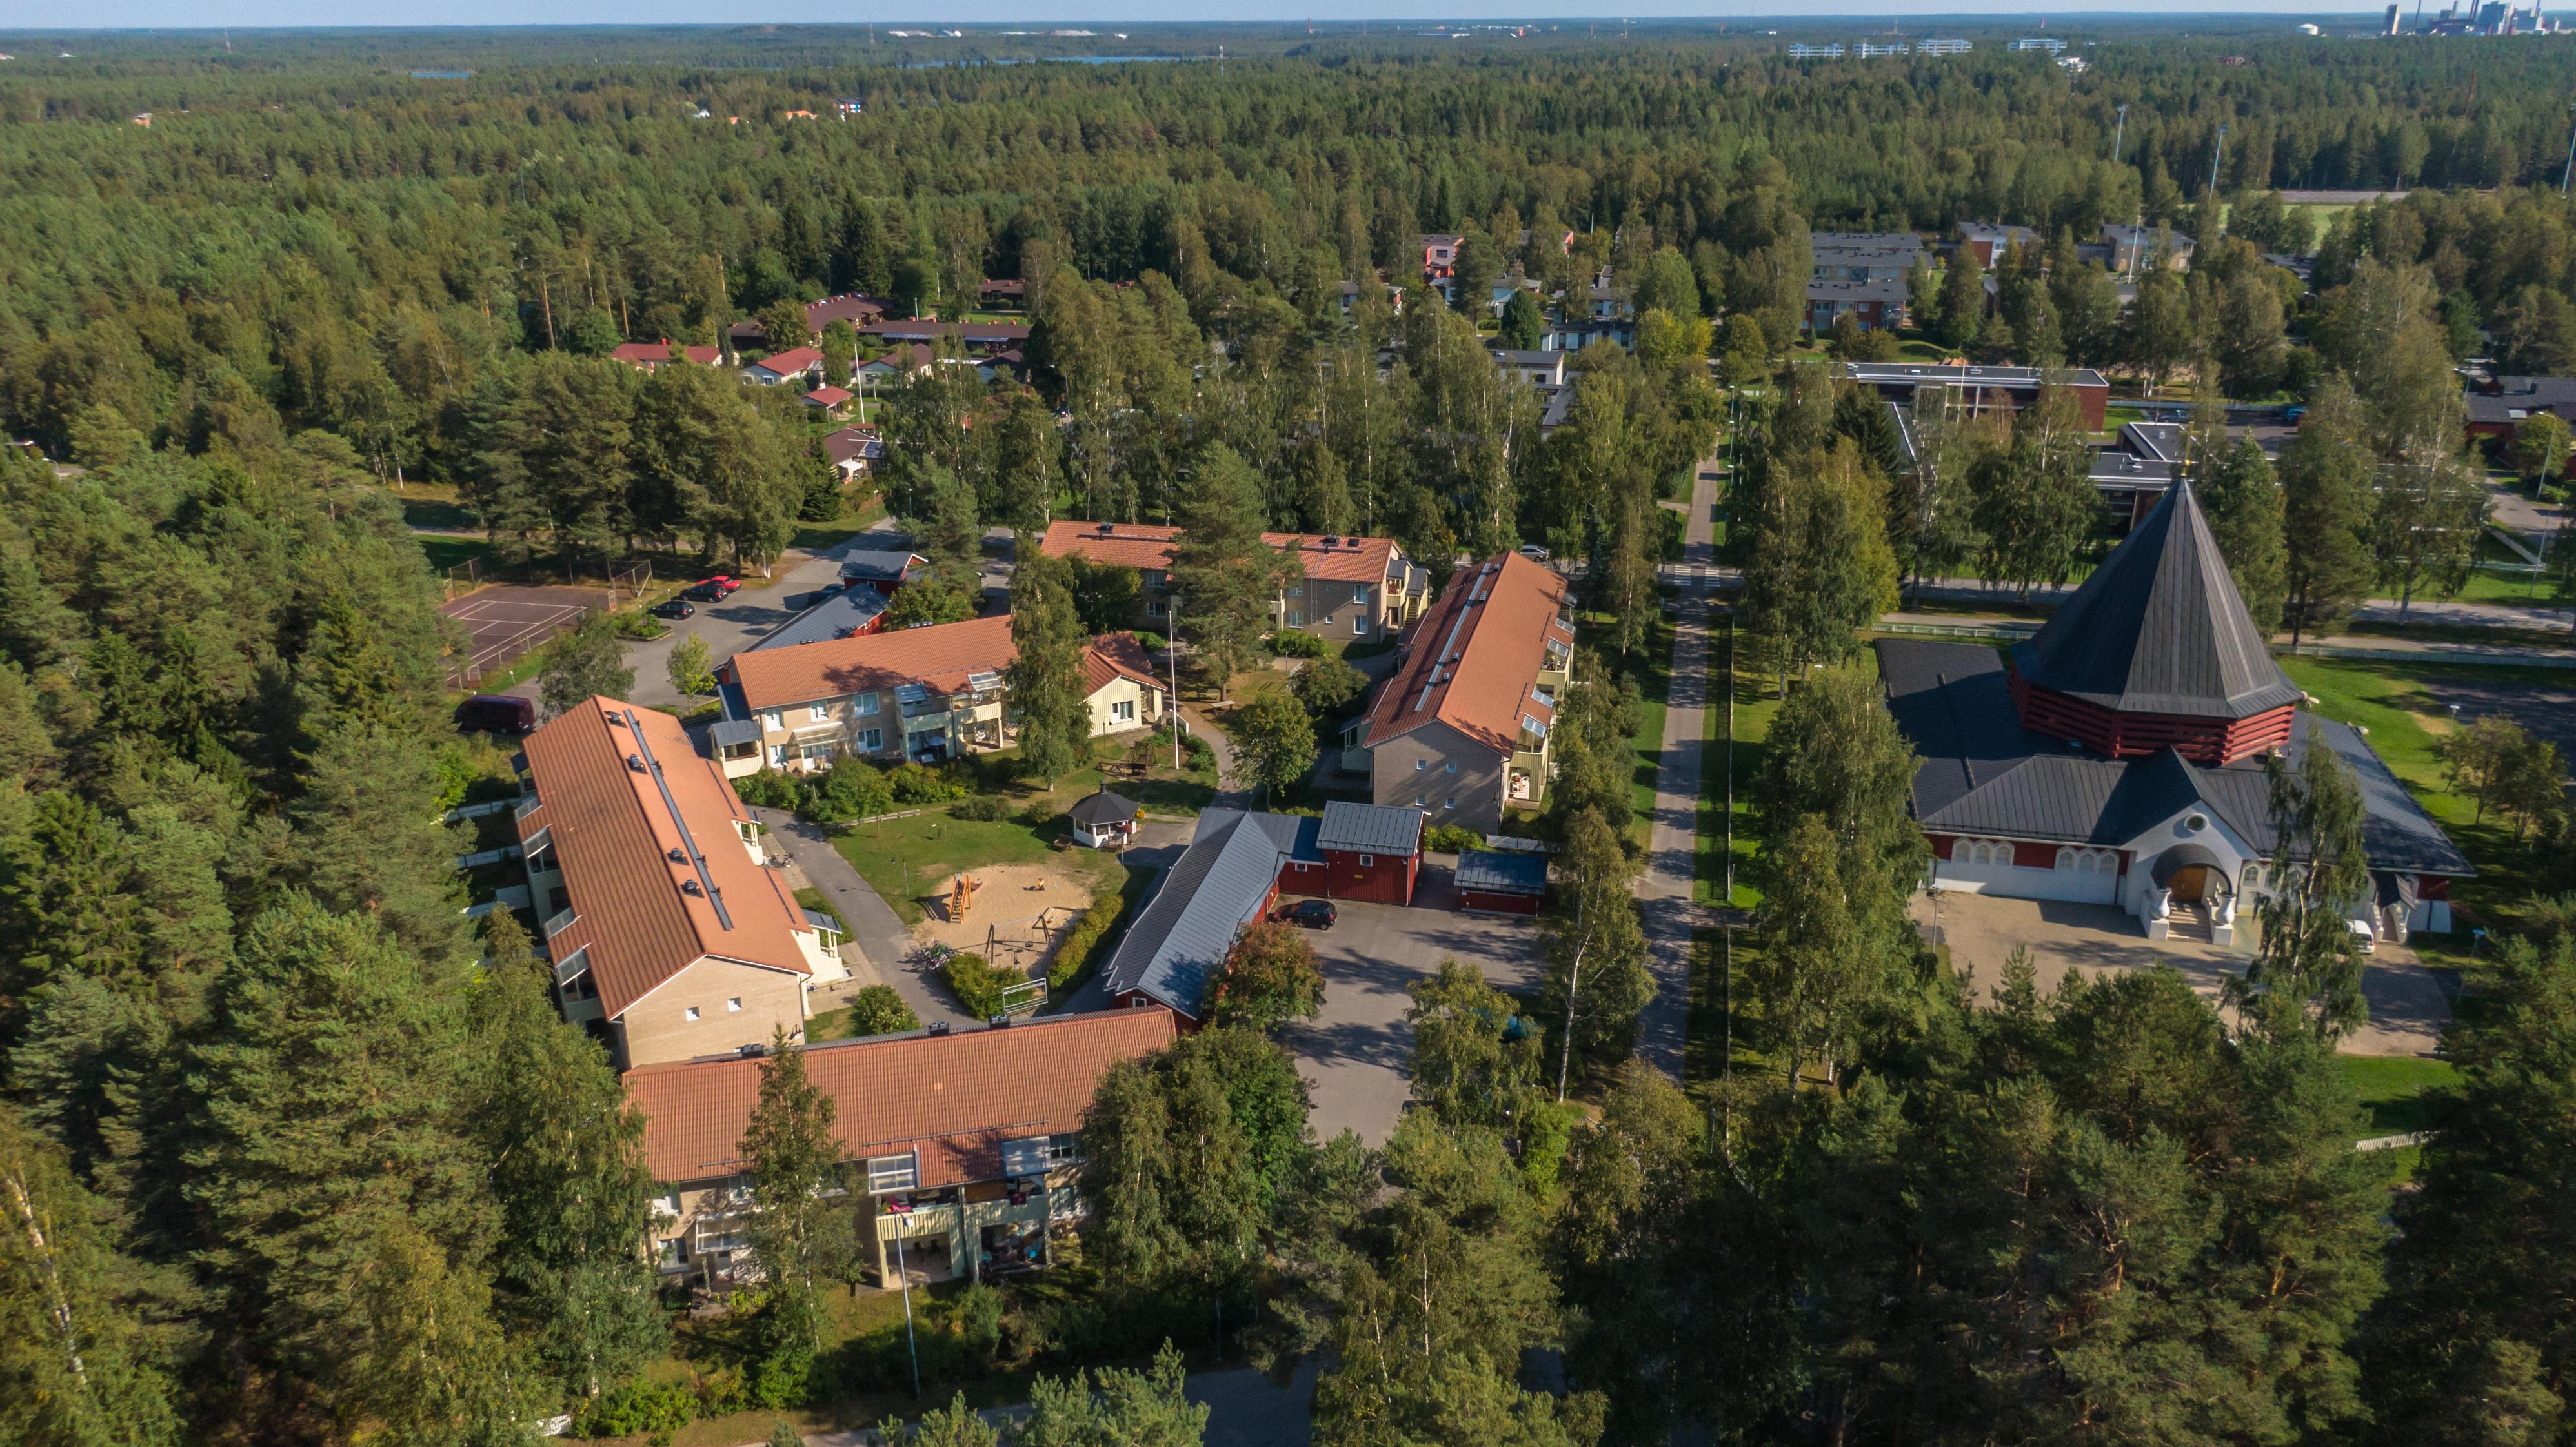 Metsän ympäröimää Koskelan asuinaluetta kesällä otetussa ilmakuvassa. Punakattoisia luhtitaloja ja kirkko oikeassa reunassa kirkko.